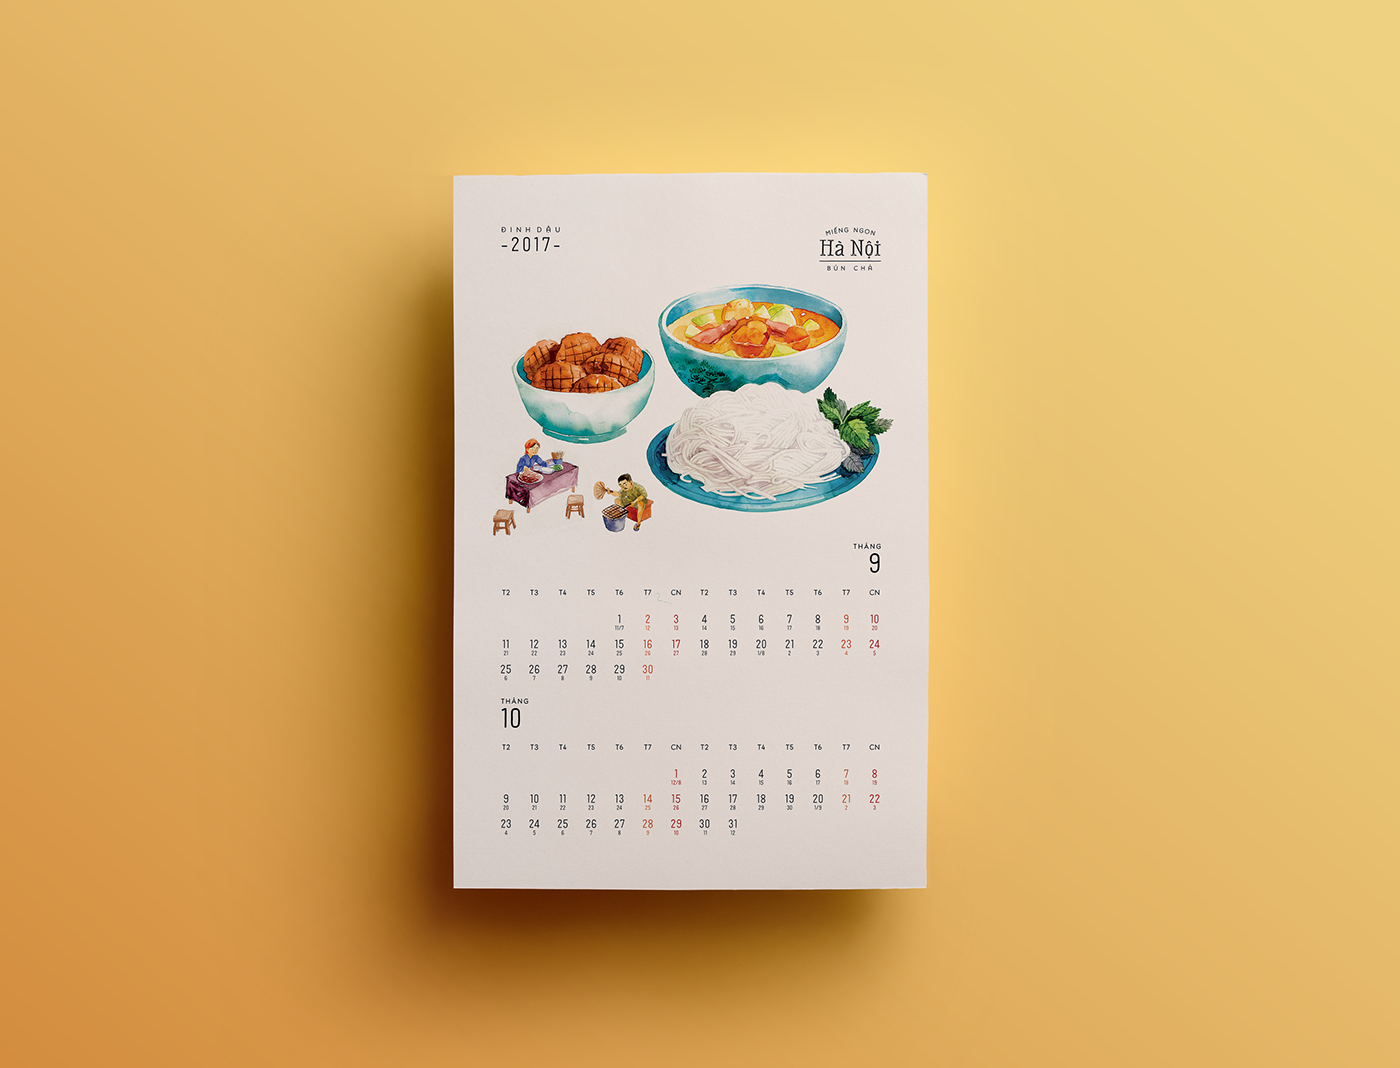 A-taste-of-hanoi-13